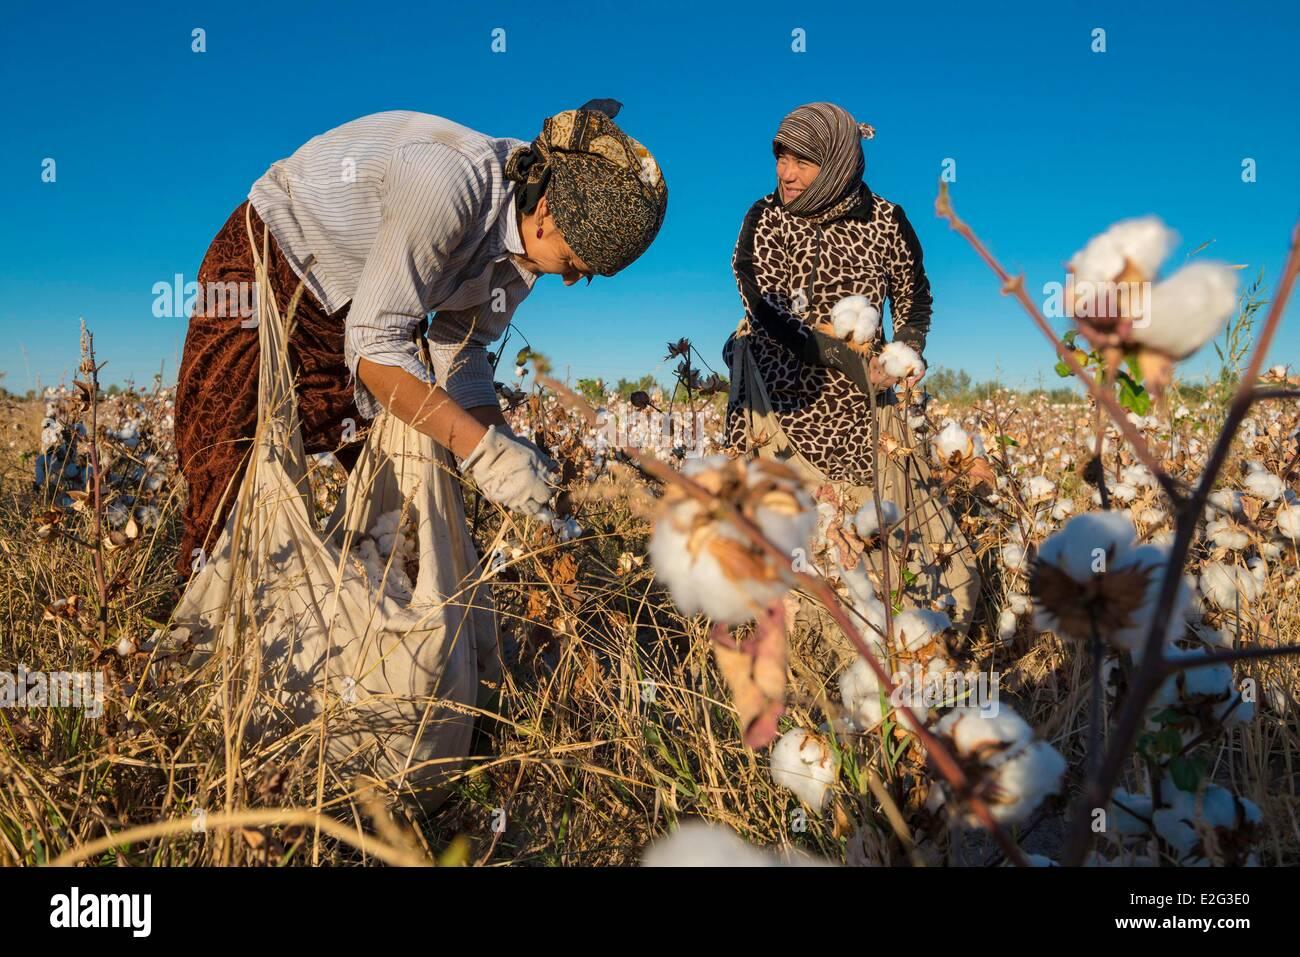 La Route de la province de Khorezm Ouzbékistan women picking le coton (Gossypium sp.) Photo Stock